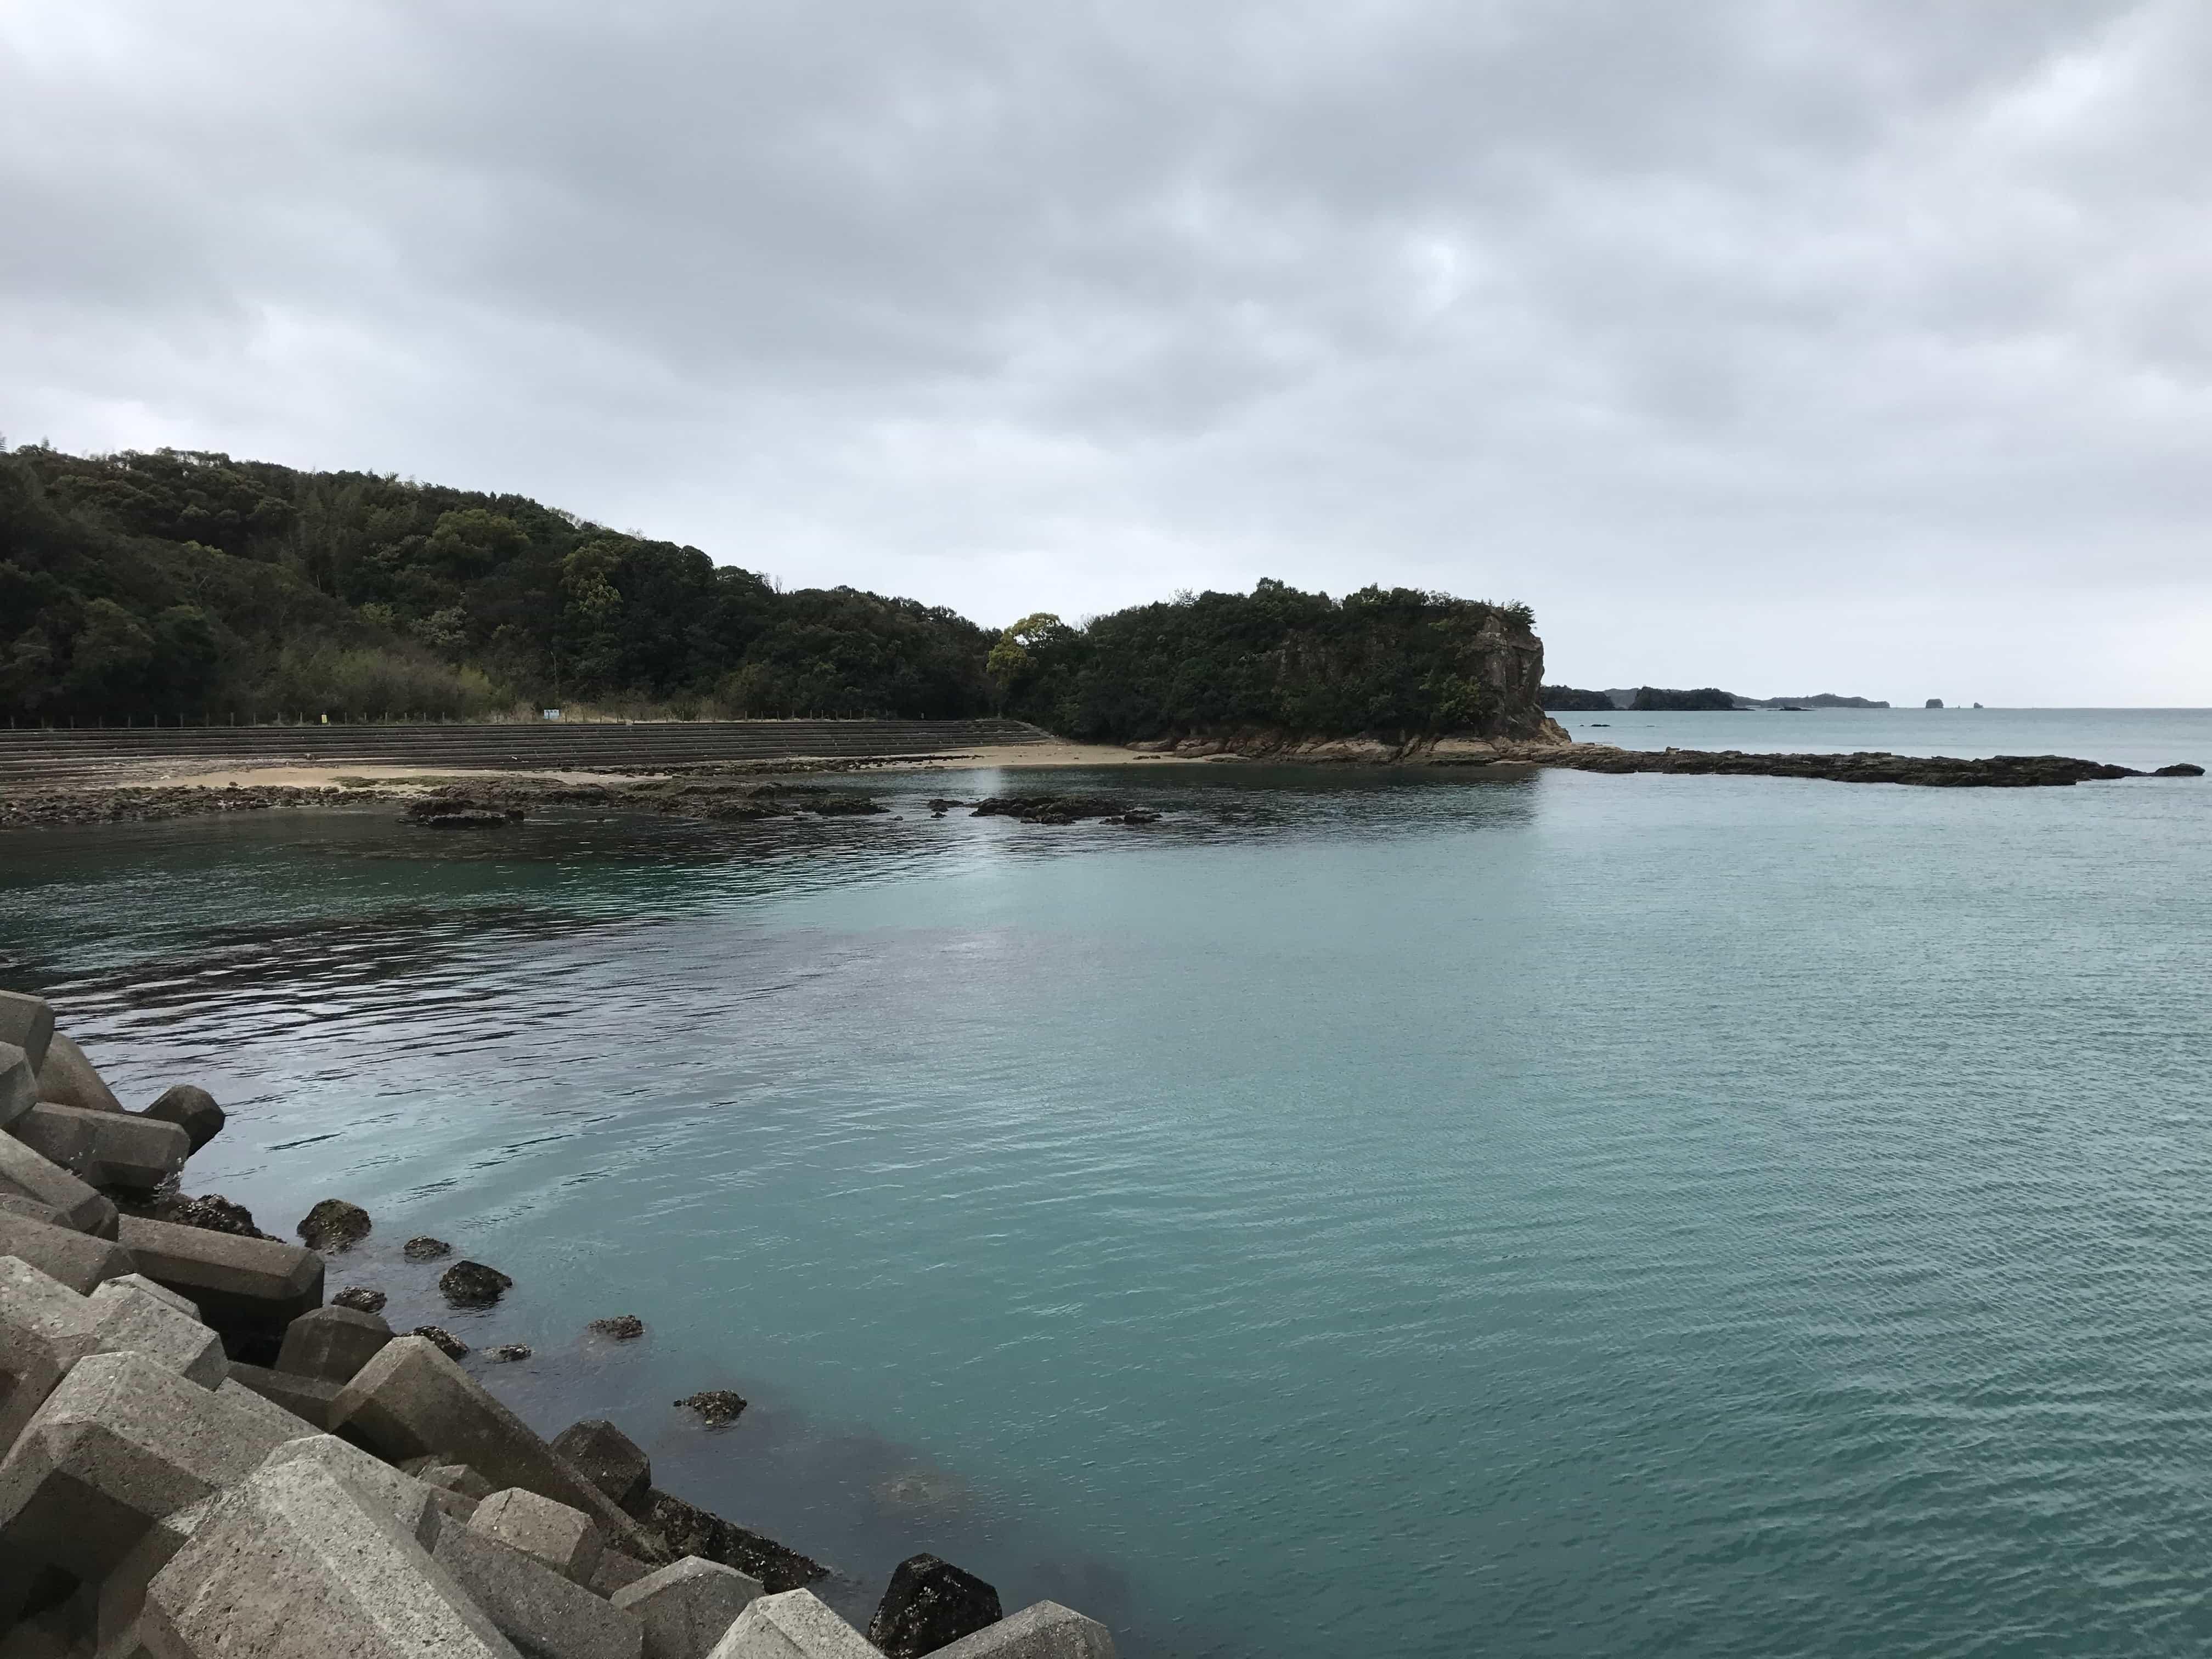 新庄漁港の釣り場紹介、和歌山県田辺市にある干潮だけの春イカ狙い藻場と白浜釣行のお土産釣り場